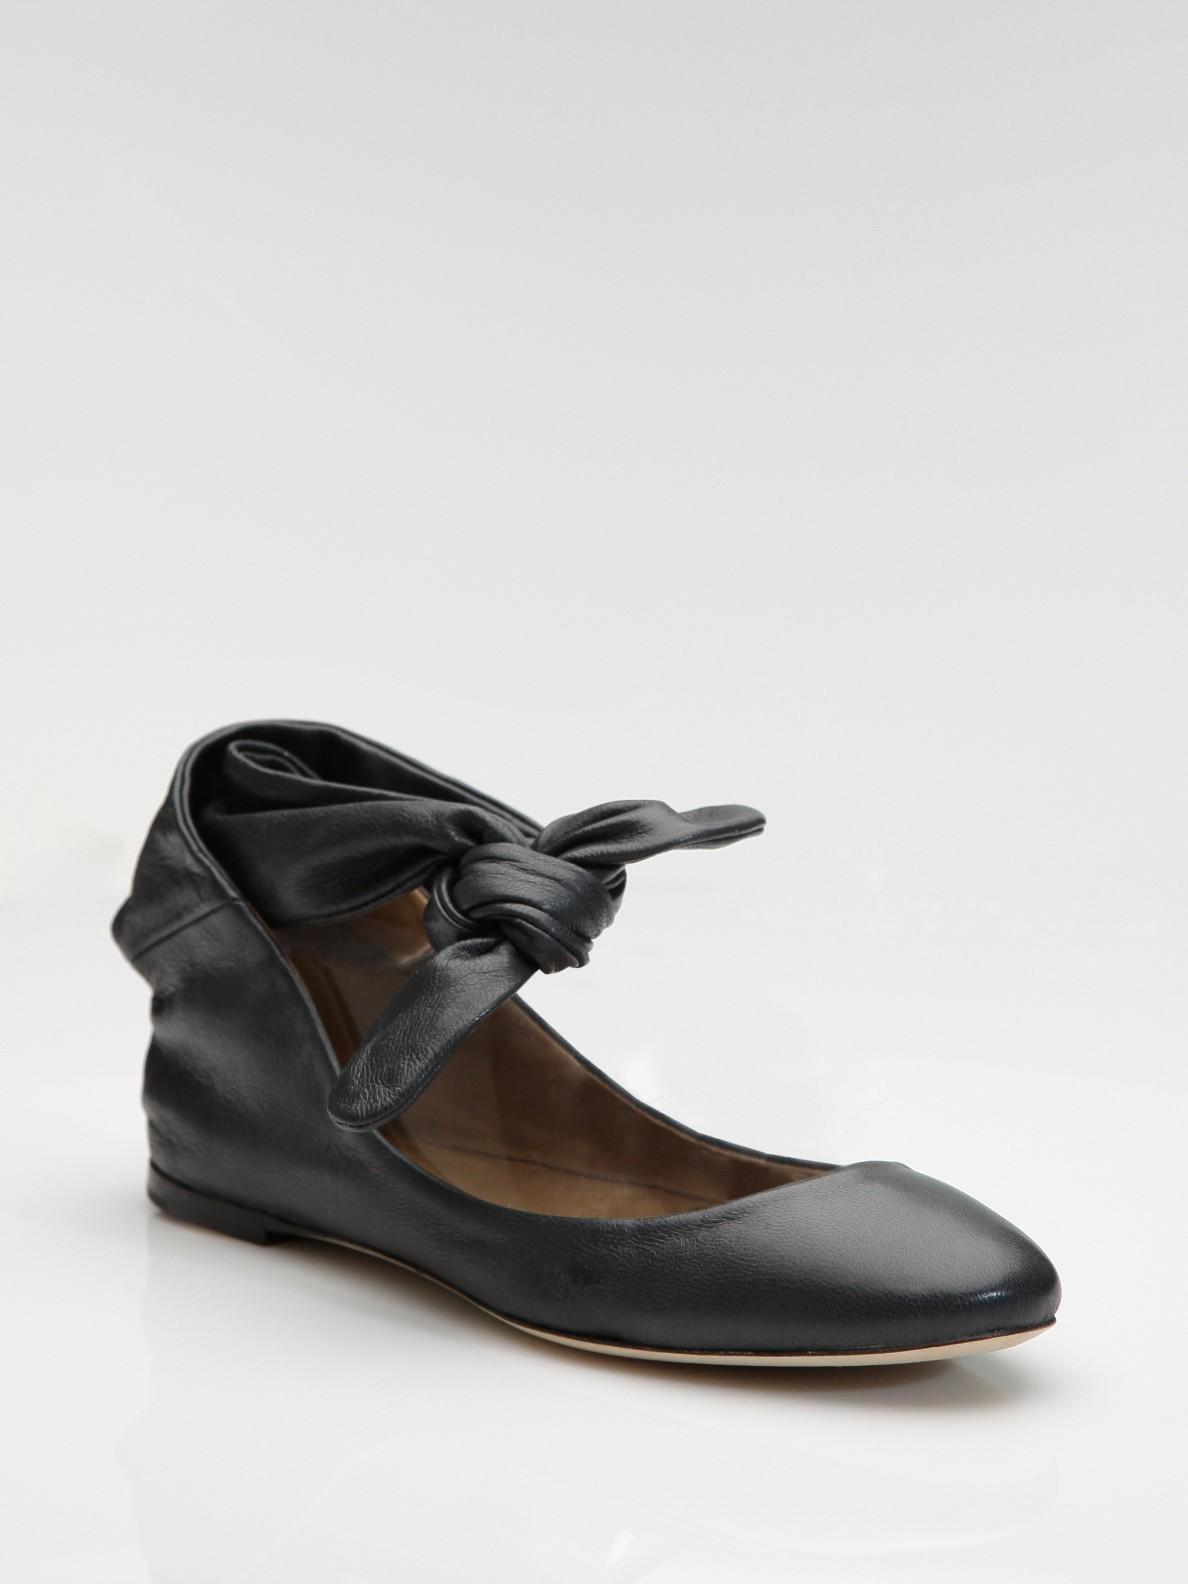 Chanel Flats Shoes Uk